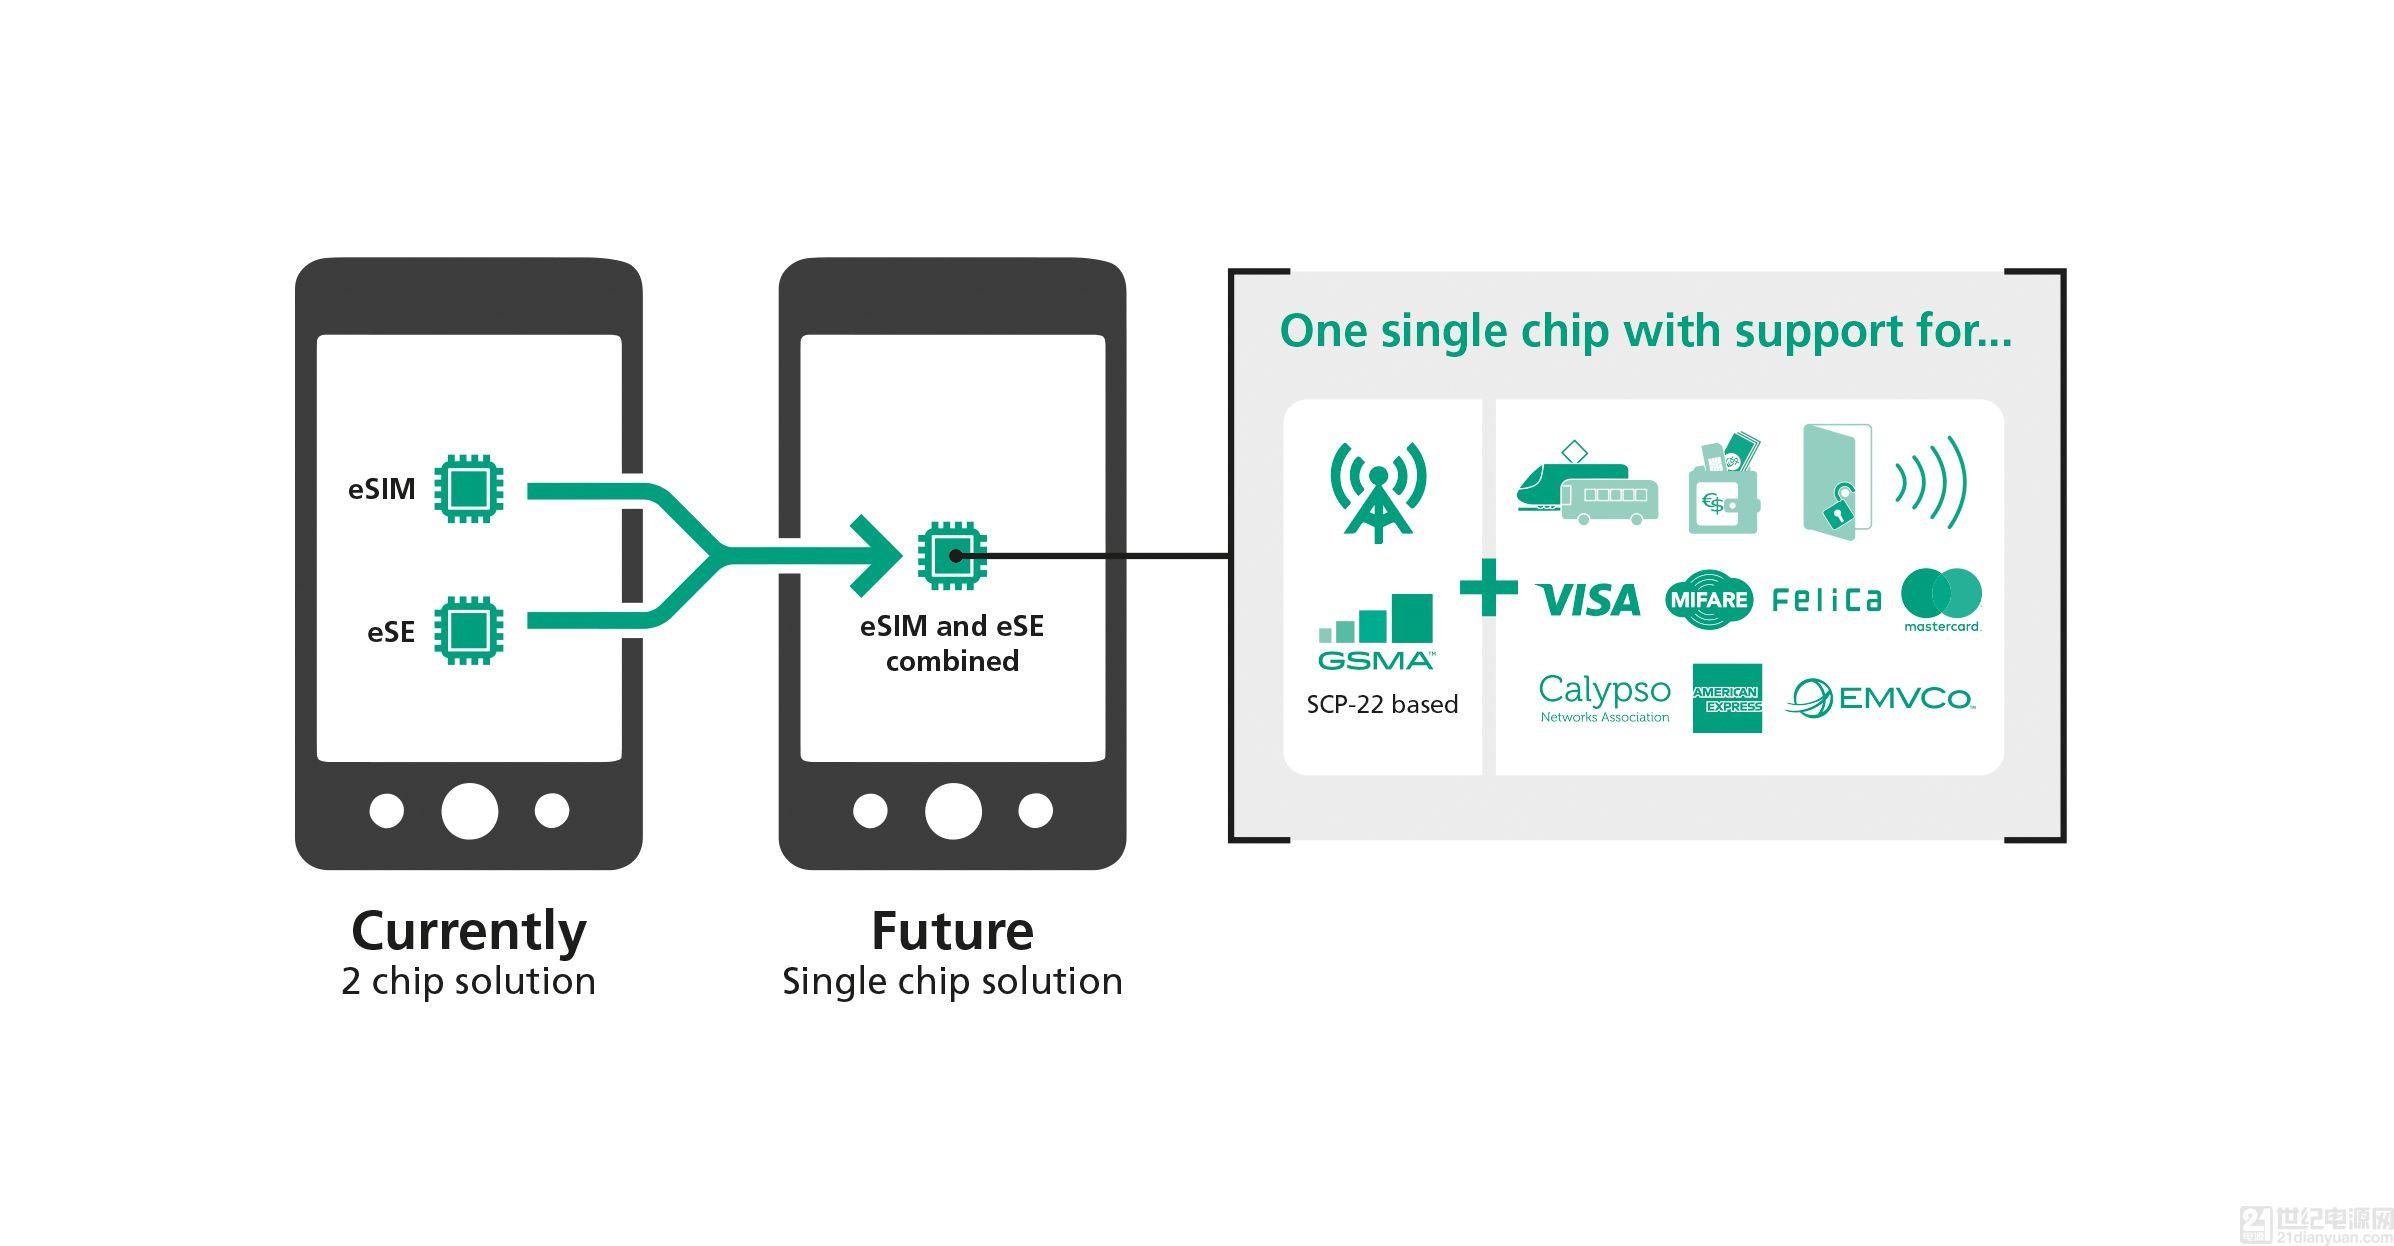 捷德推出整合解决方案 在单个芯片上集成 SIM 及其他安全应用 由 winniewei 提交于 周二, 02/26/2019